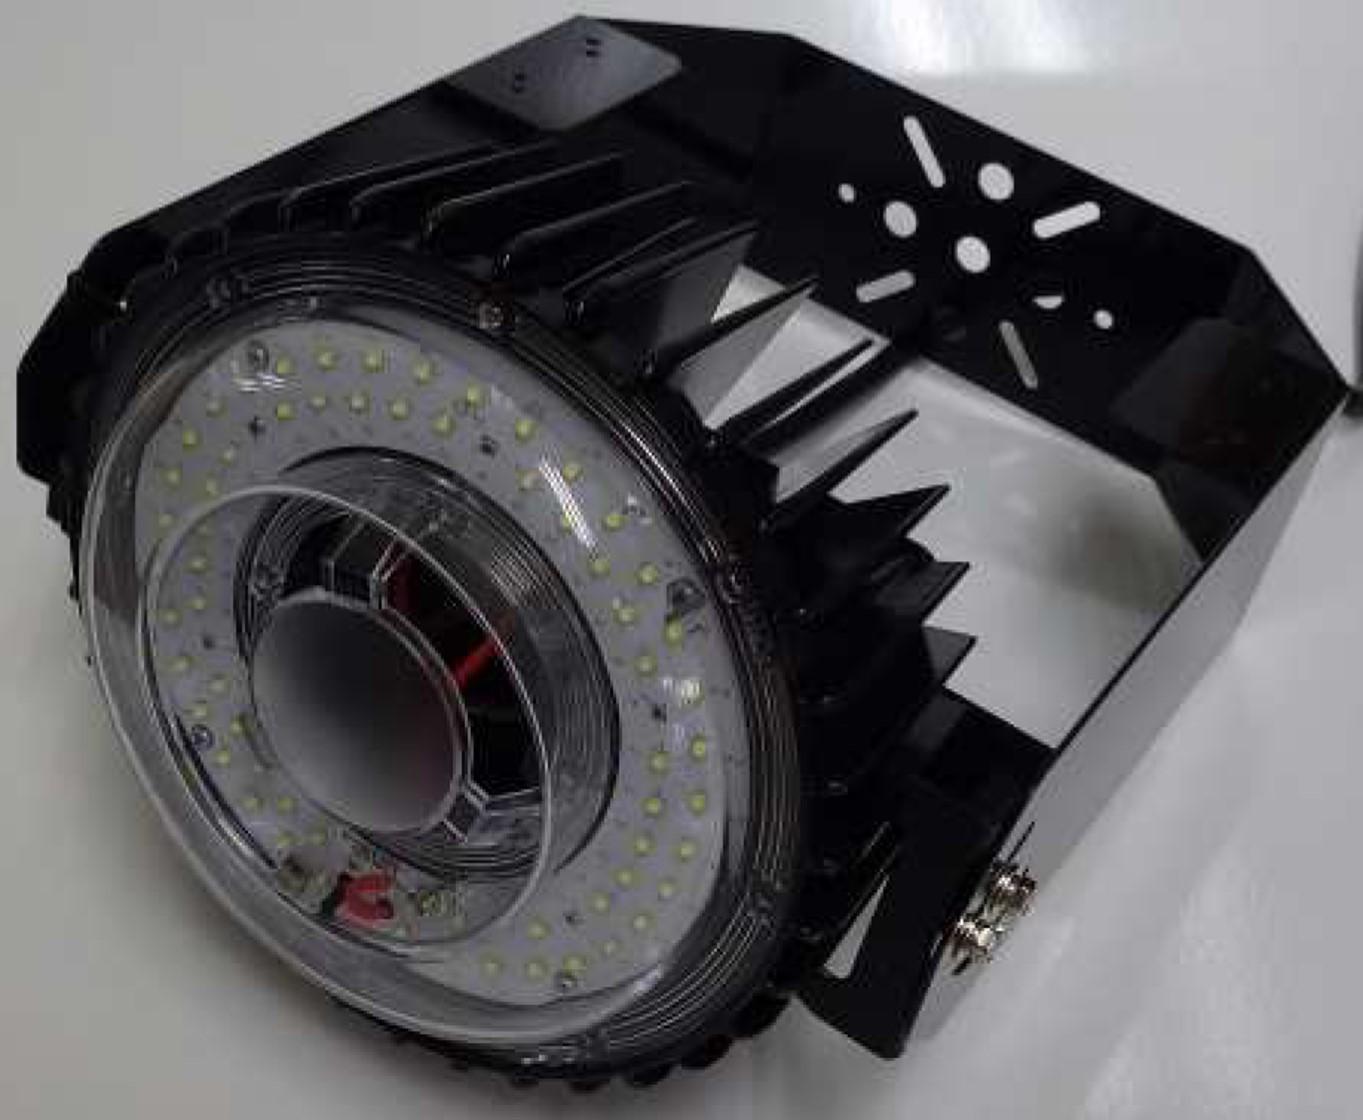 EFLN-ARMB-400X-C-W-S-60-AC-EX製品画像